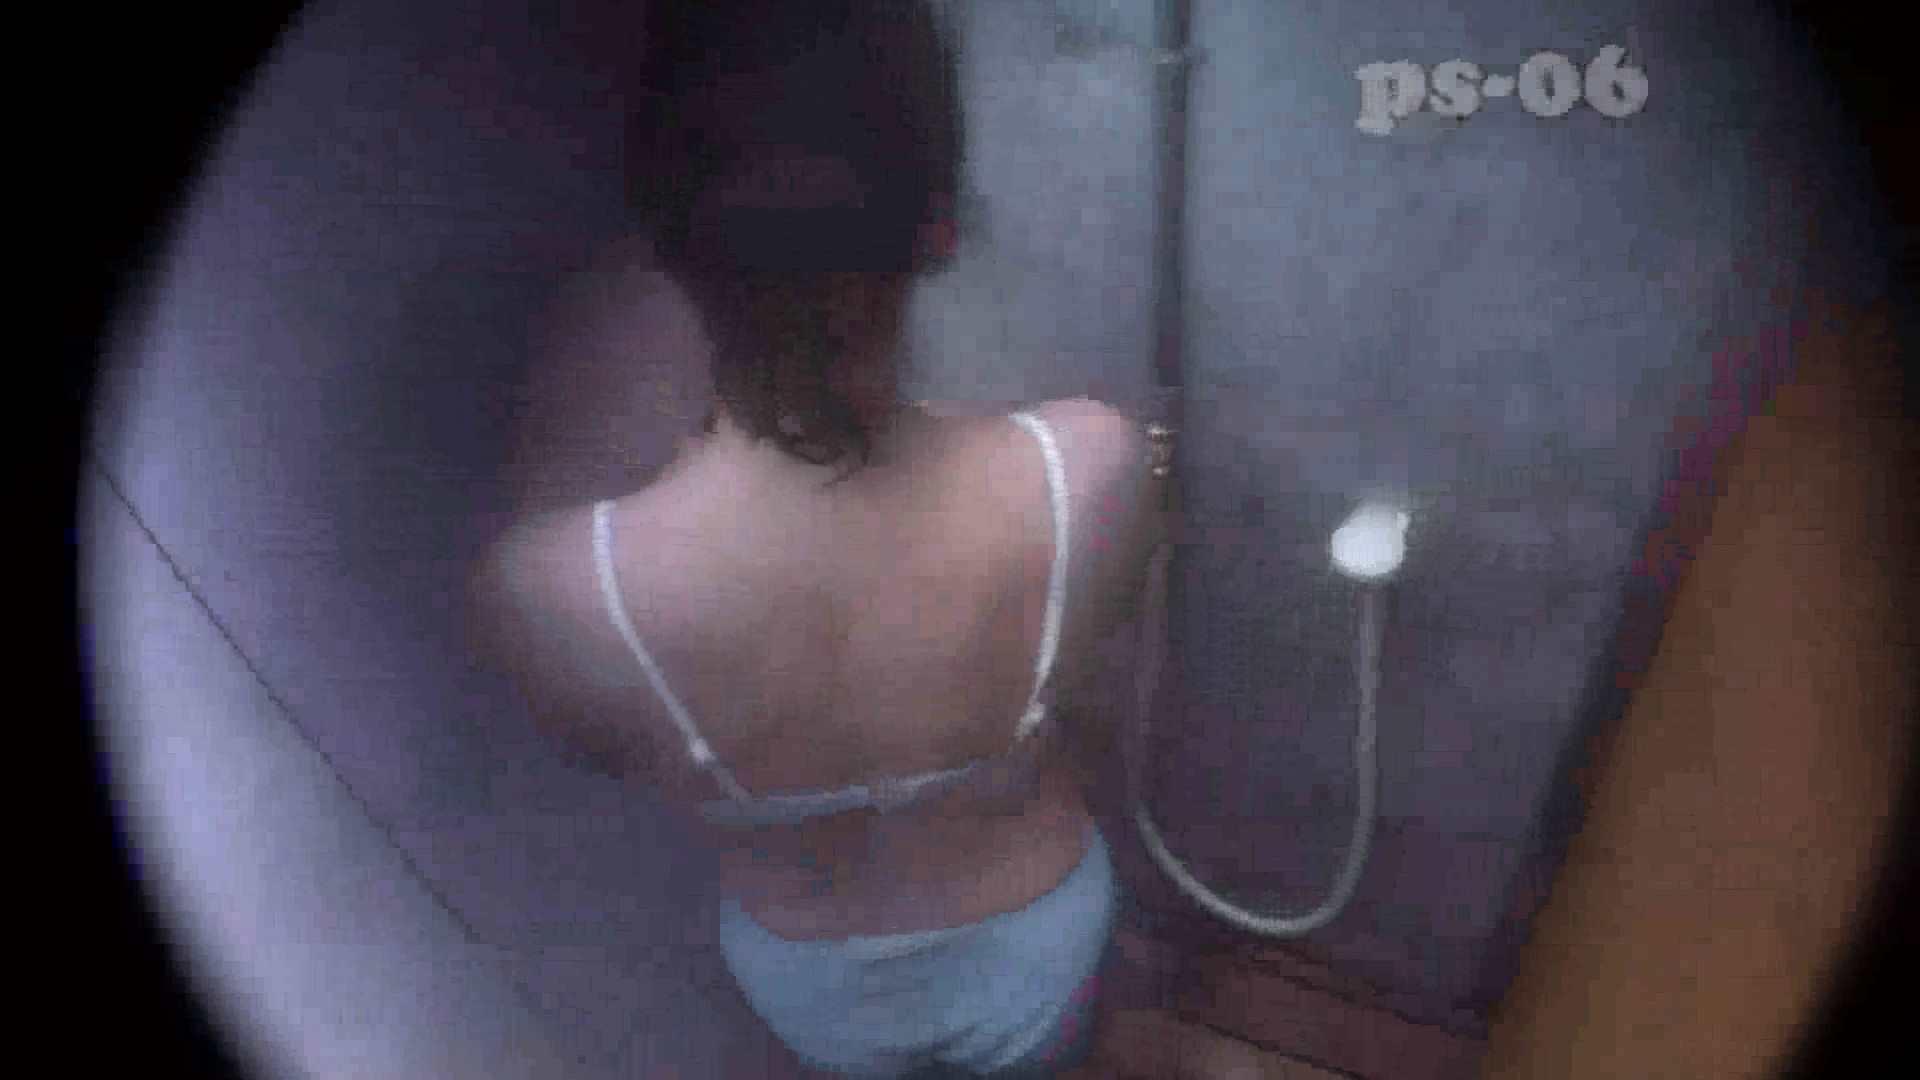 シャワールームは危険な香りVol.6(ハイビジョンサンプル版) 名人 オマンコ動画キャプチャ 99枚 64